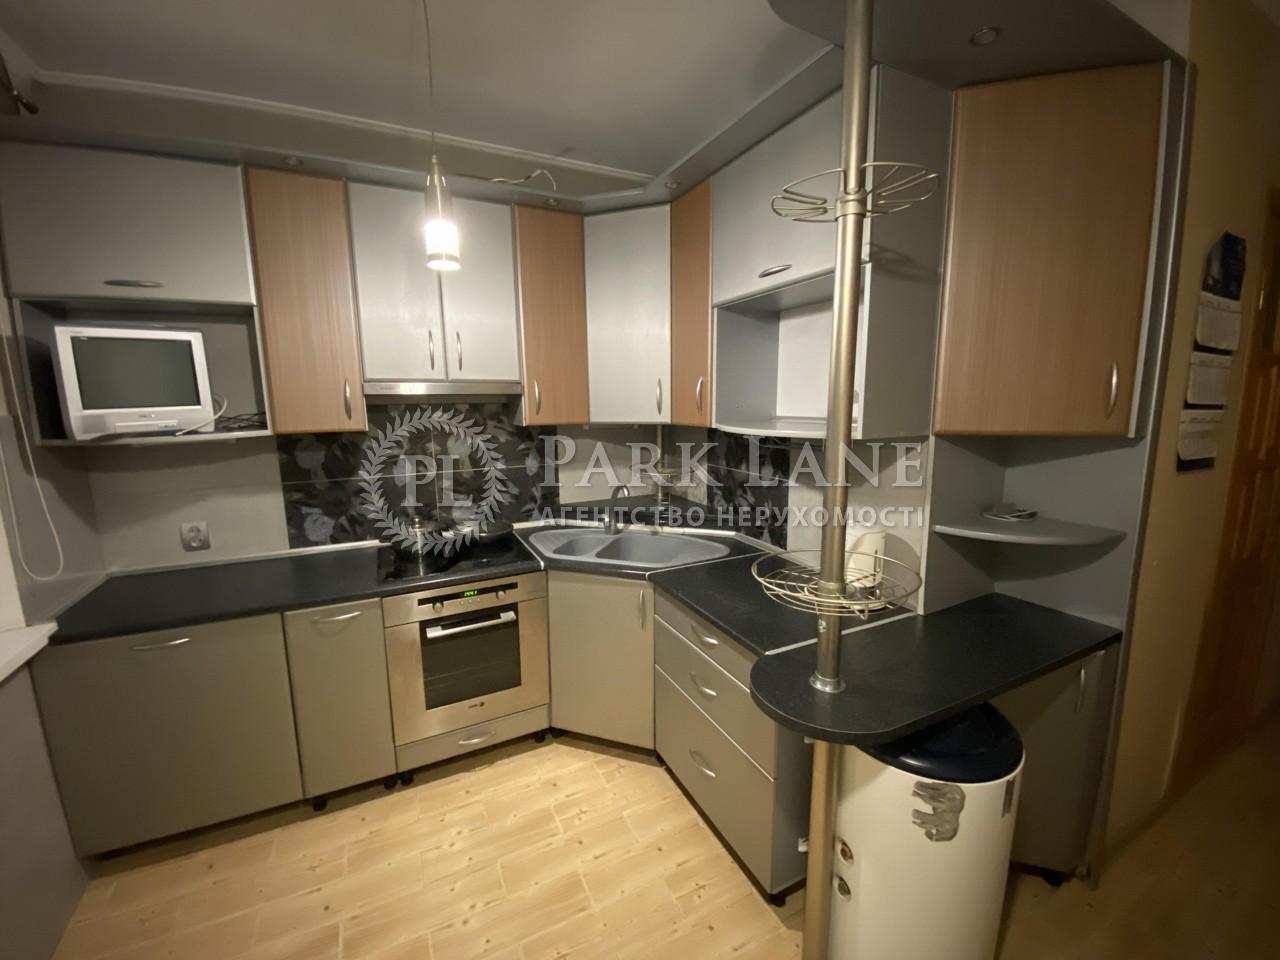 Квартира вул. Коласа Якуба, 23а, Київ, D-35891 - Фото 11